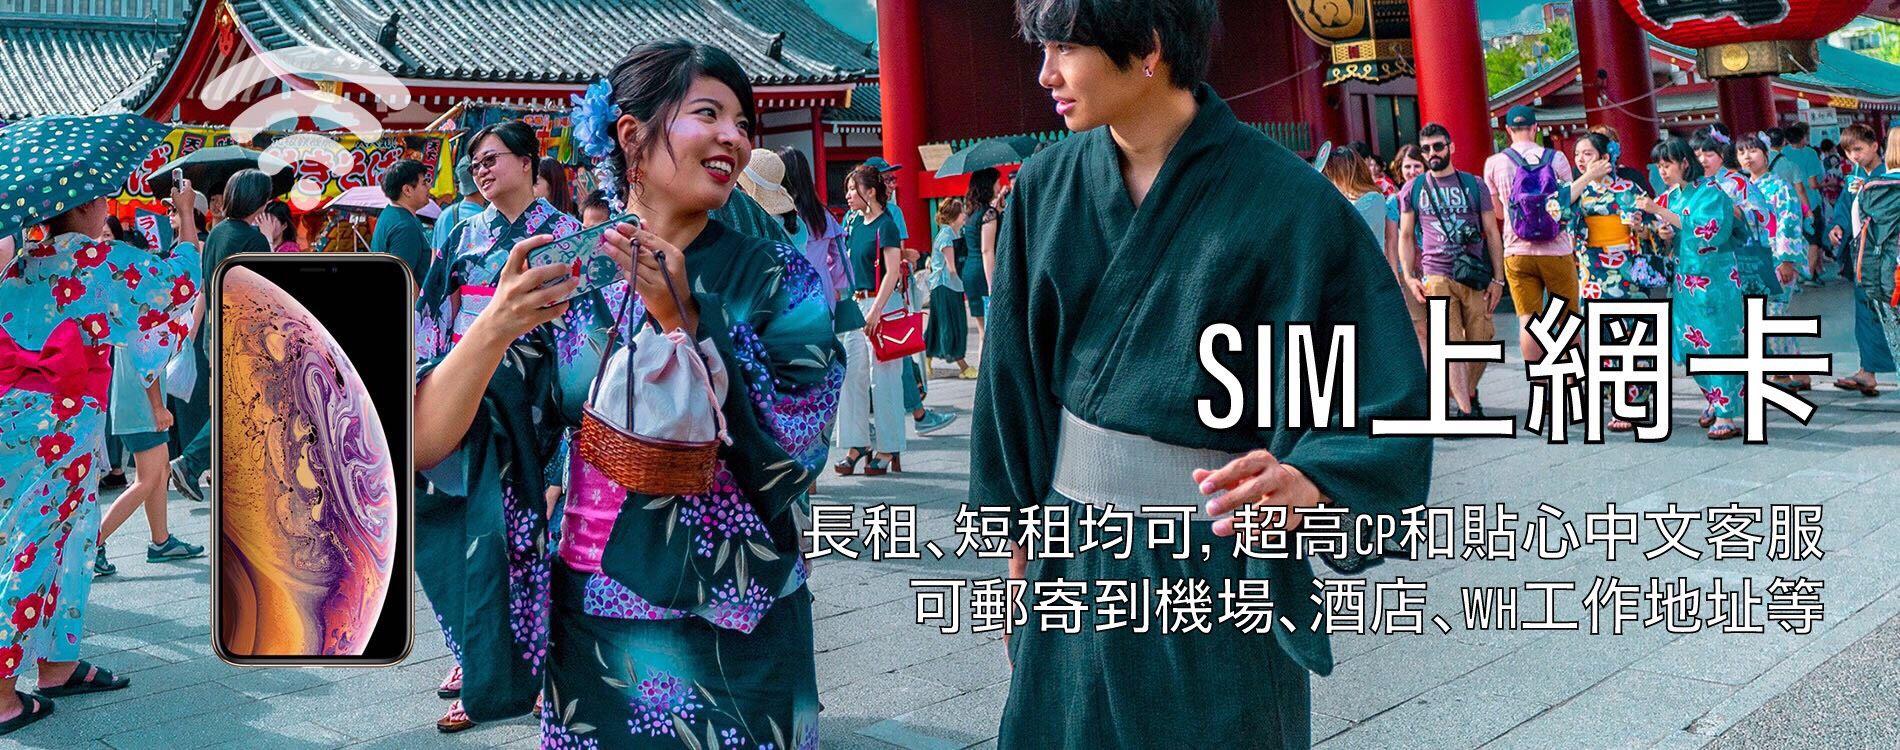 日本SIM流量上網卡租借